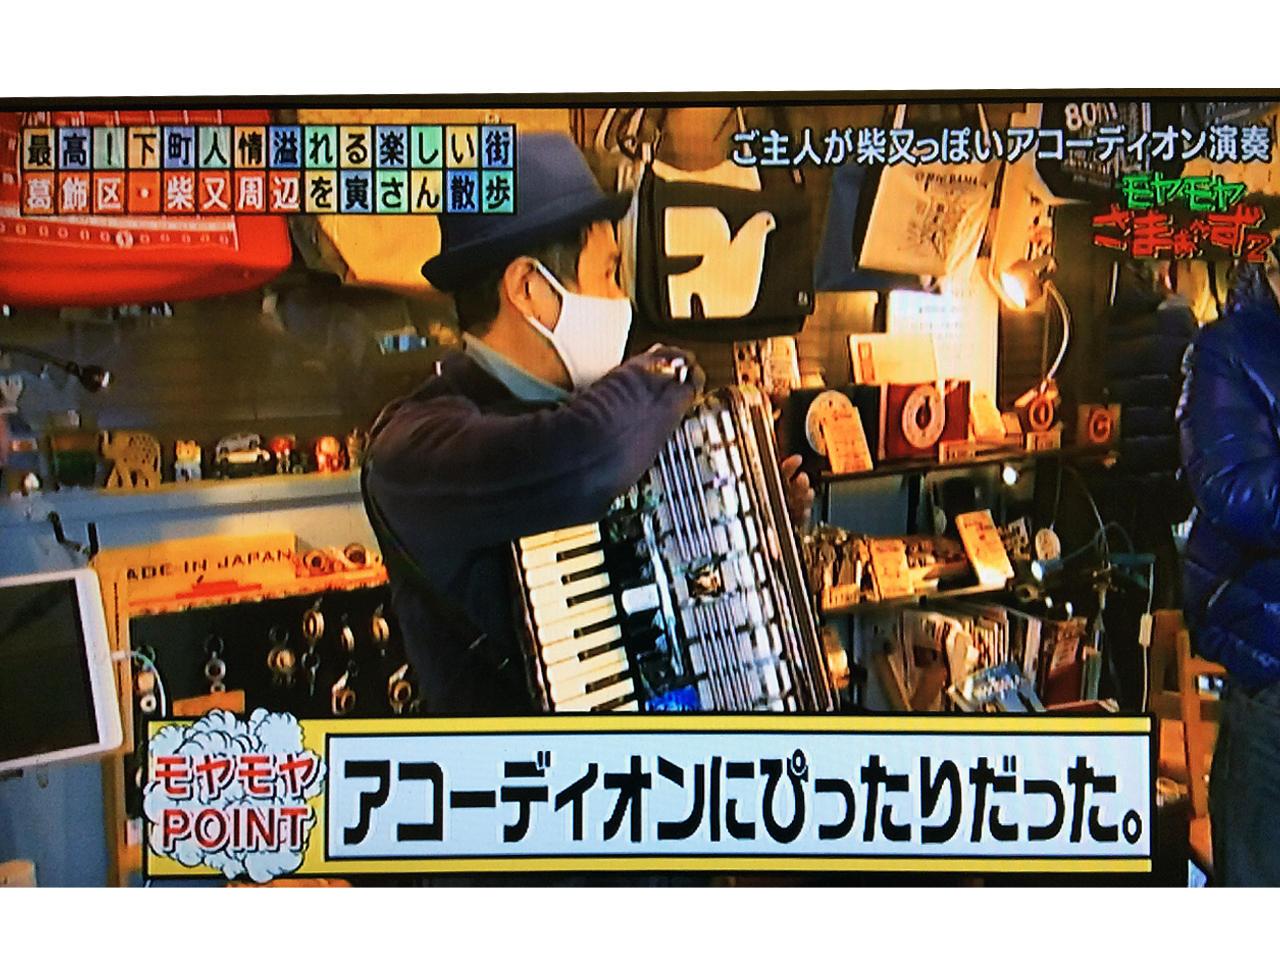 http://alrt.tokyo/news/moyasama_scrap.jpg